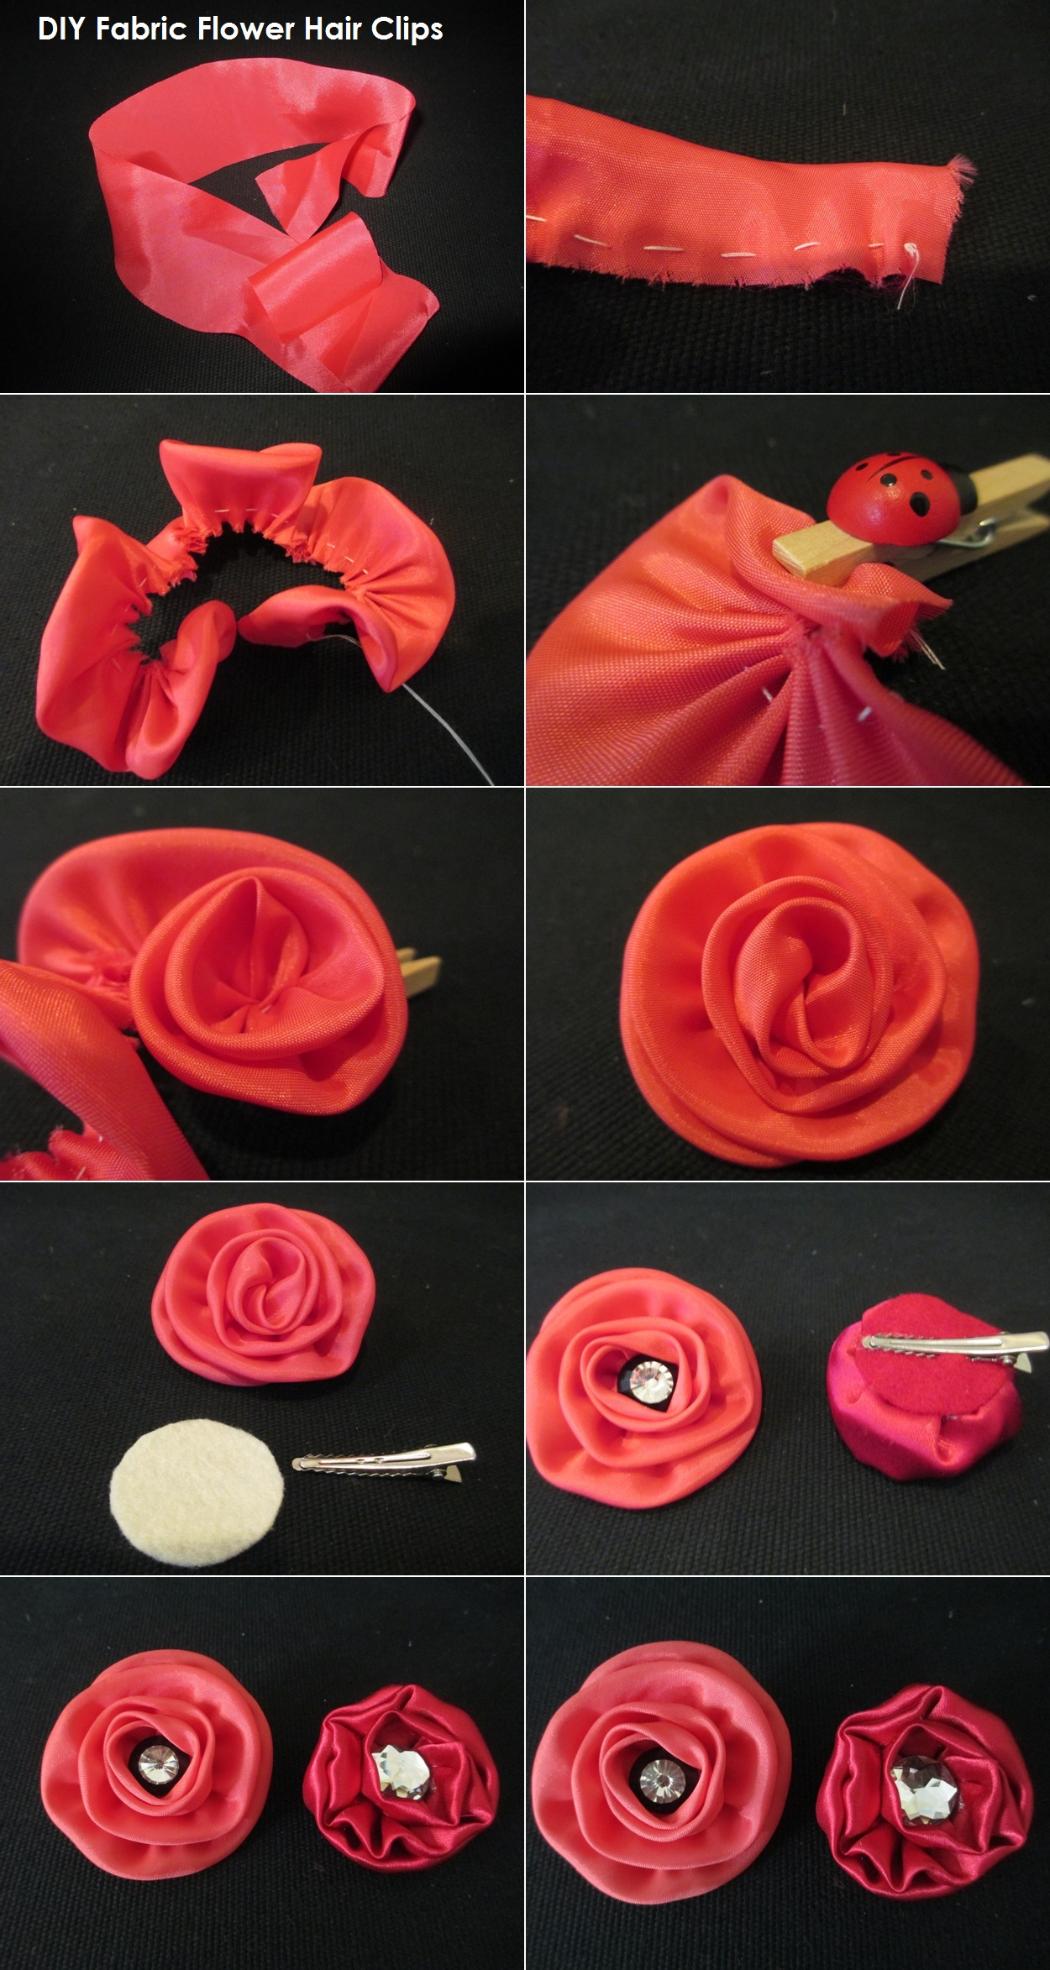 Diy Tutorial Hair Accessories Fabric Flower Hair Clips